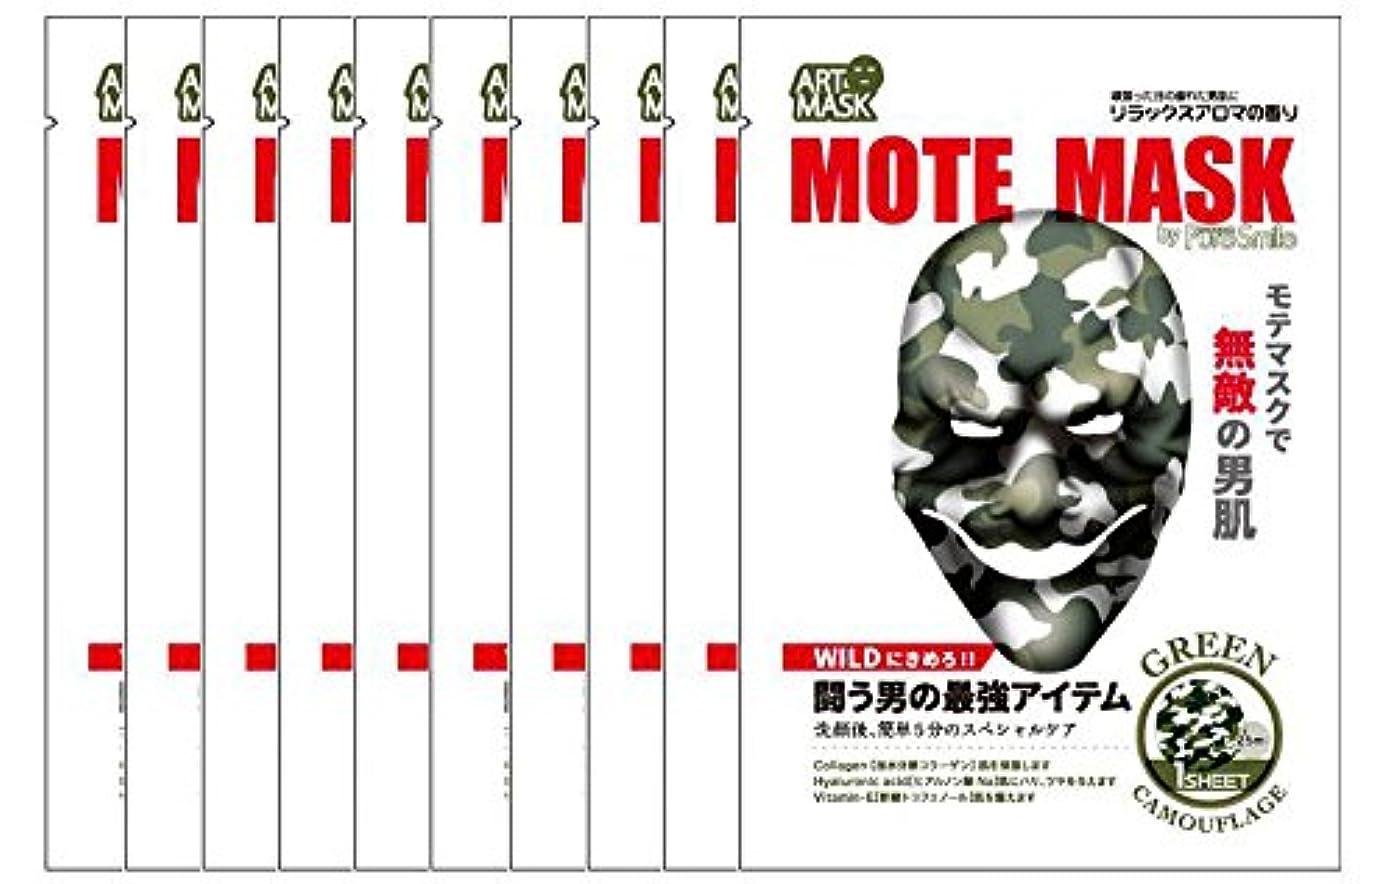 牧師ノベルティ自治ピュアスマイル アートマスク モテマスク MA-01 リラックスアロマの香り 1枚入り ×10セット